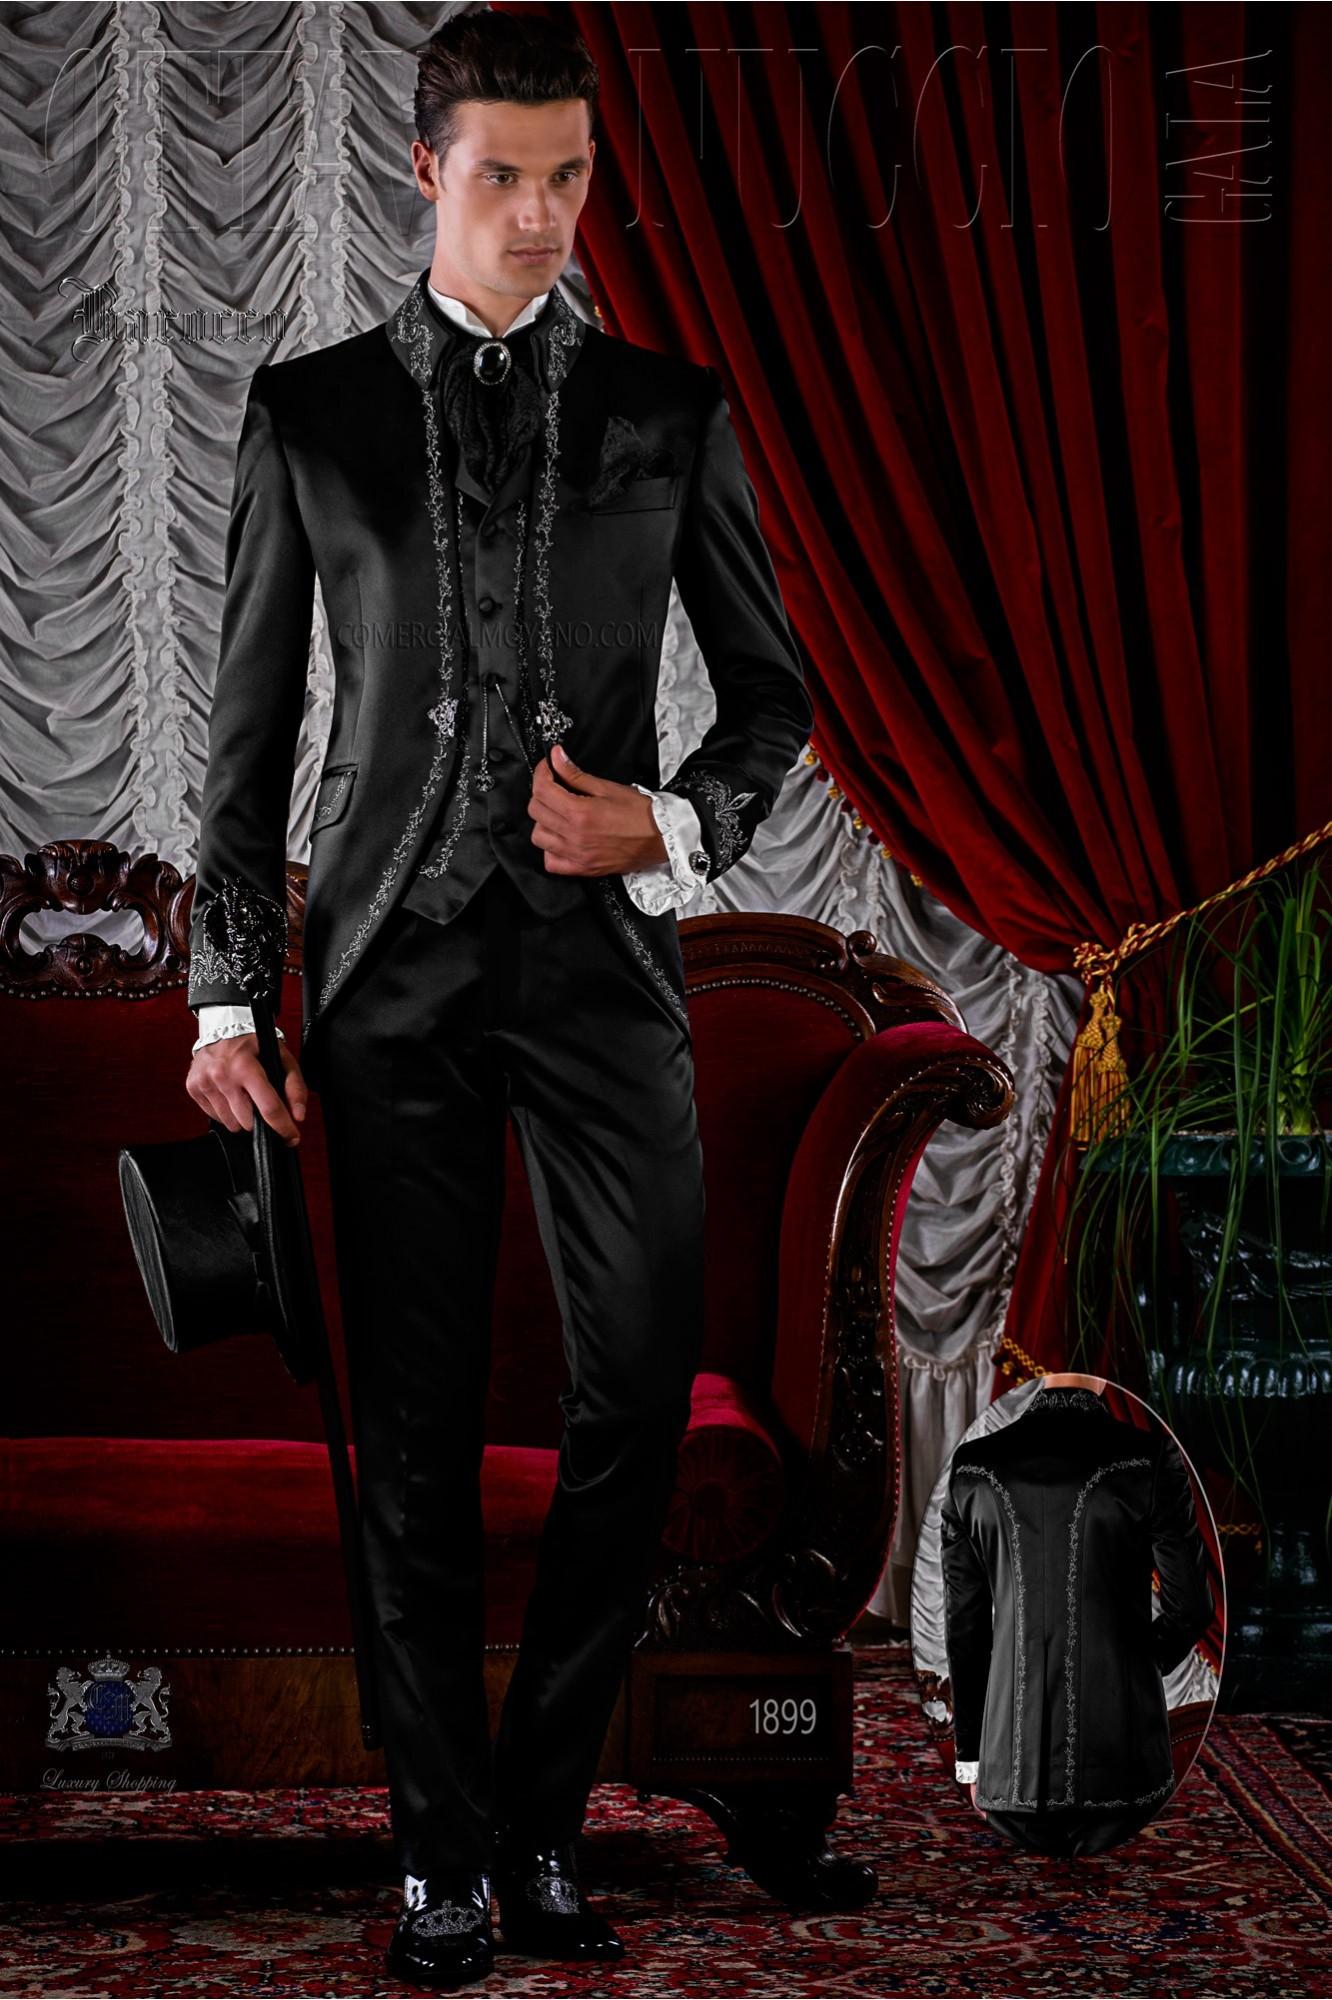 Traje de época modelo redingote negro bordado plata.